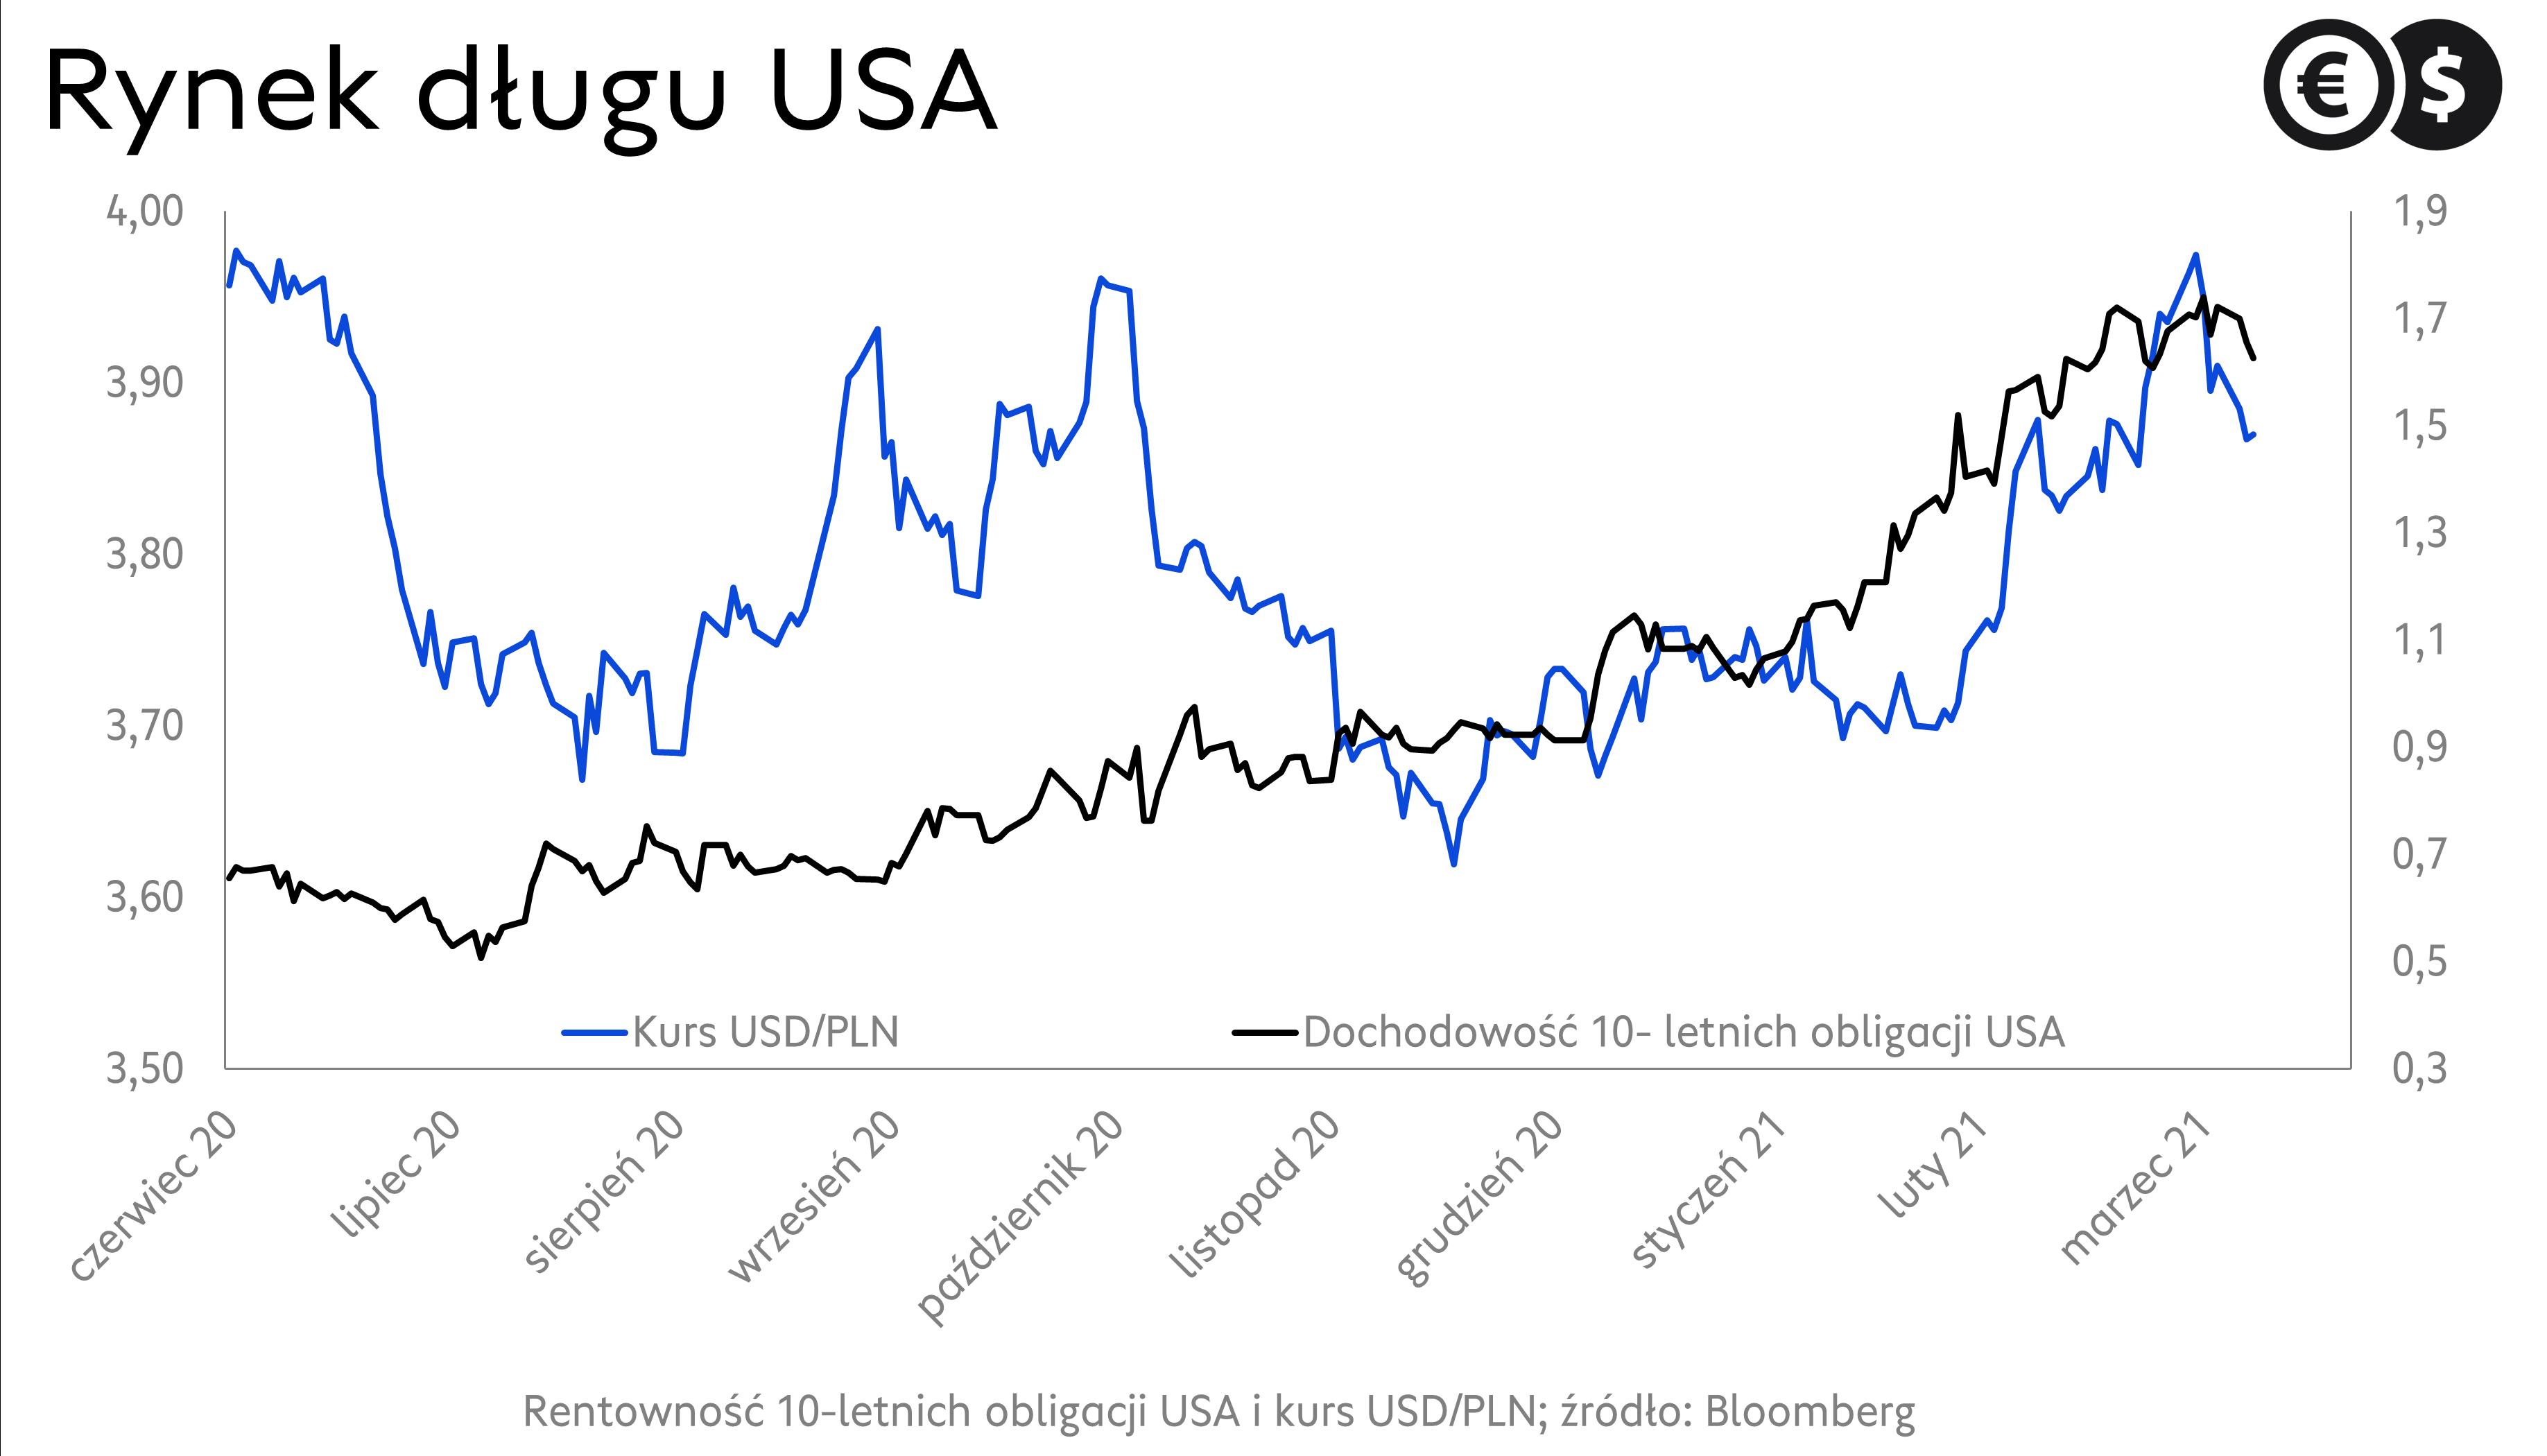 Notowania dolara, kurs USD/PLN na tle rentowności obligacji USA.